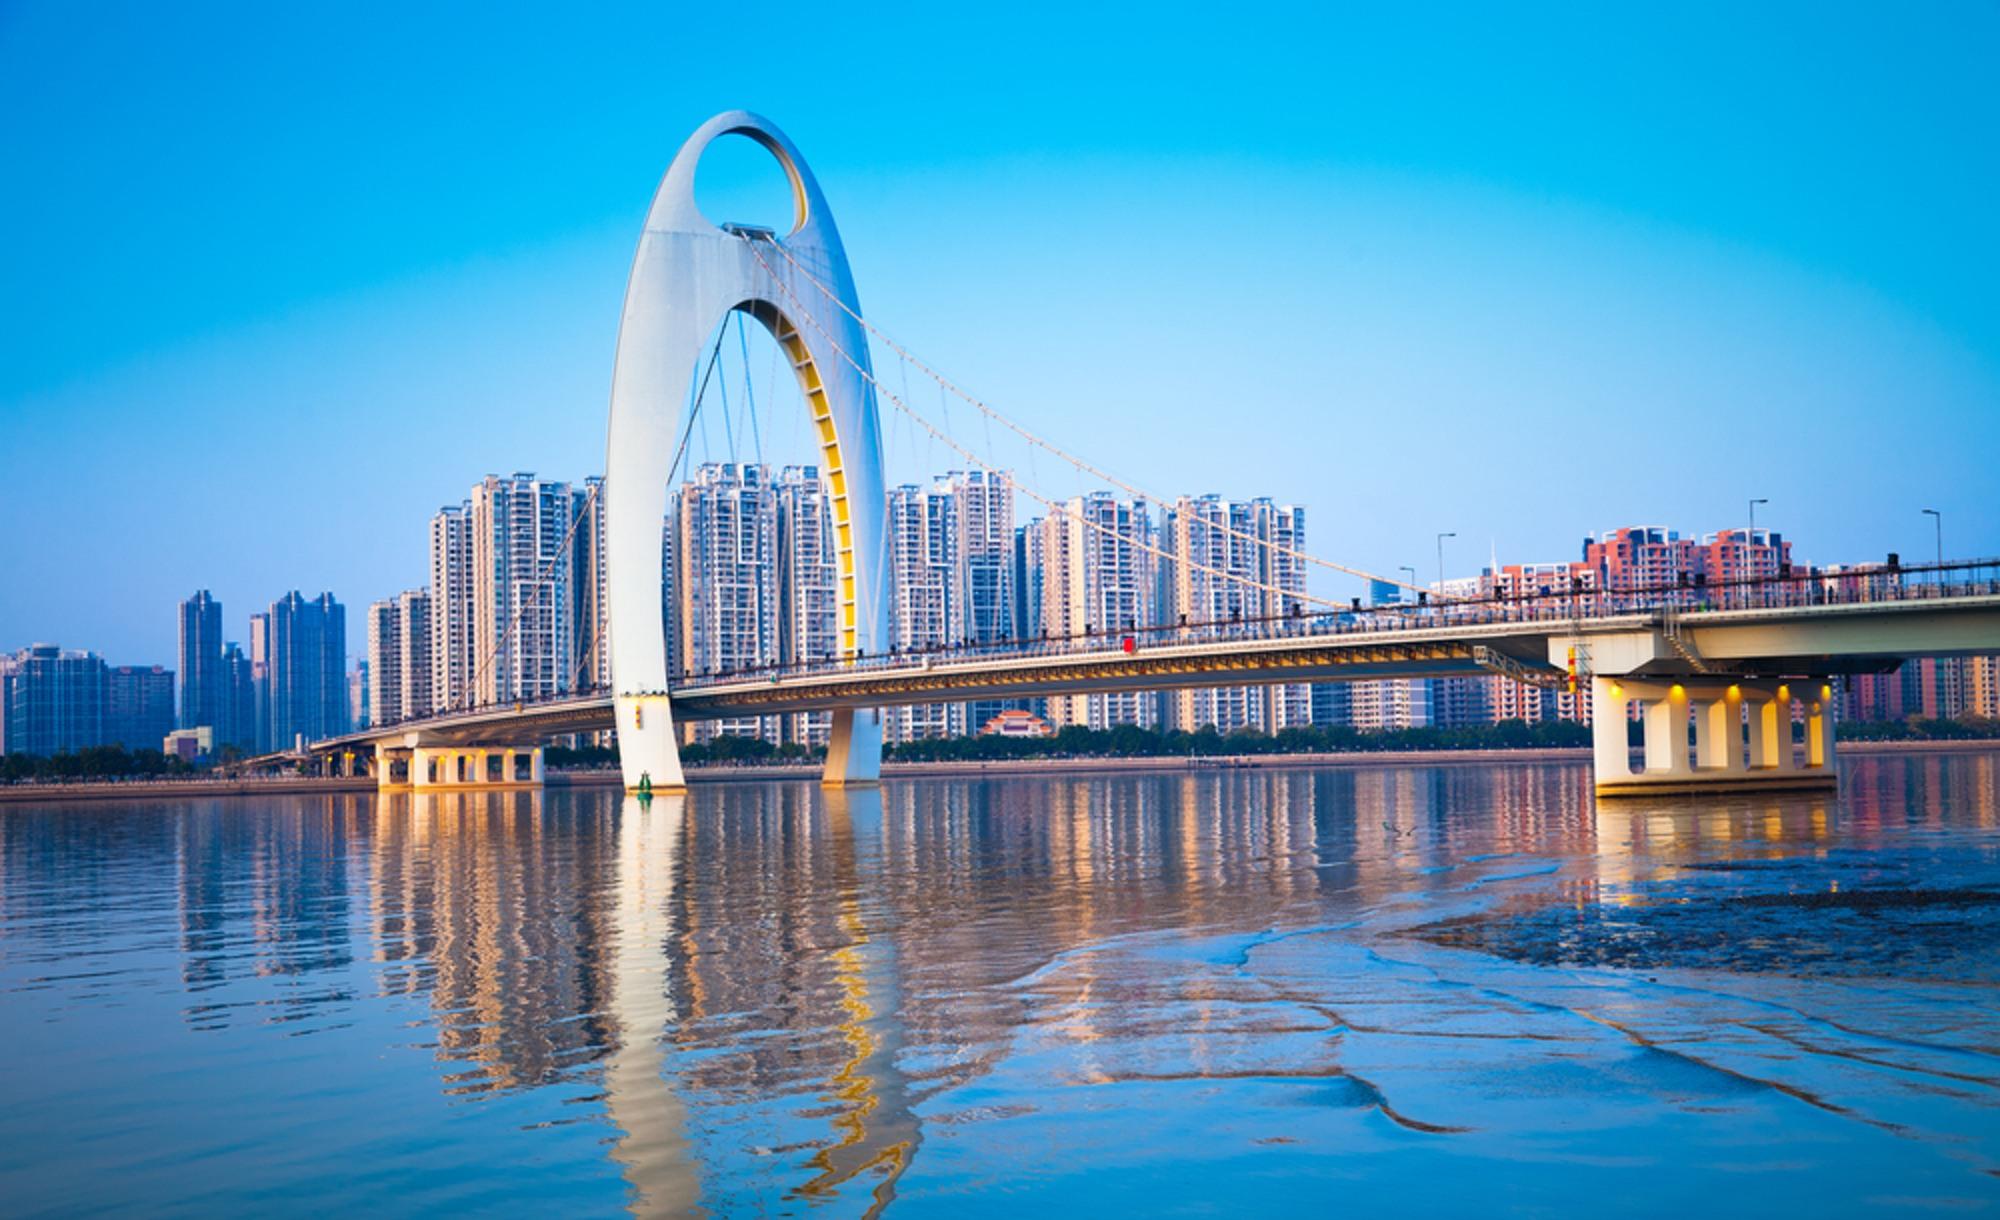 Big guangzhou1